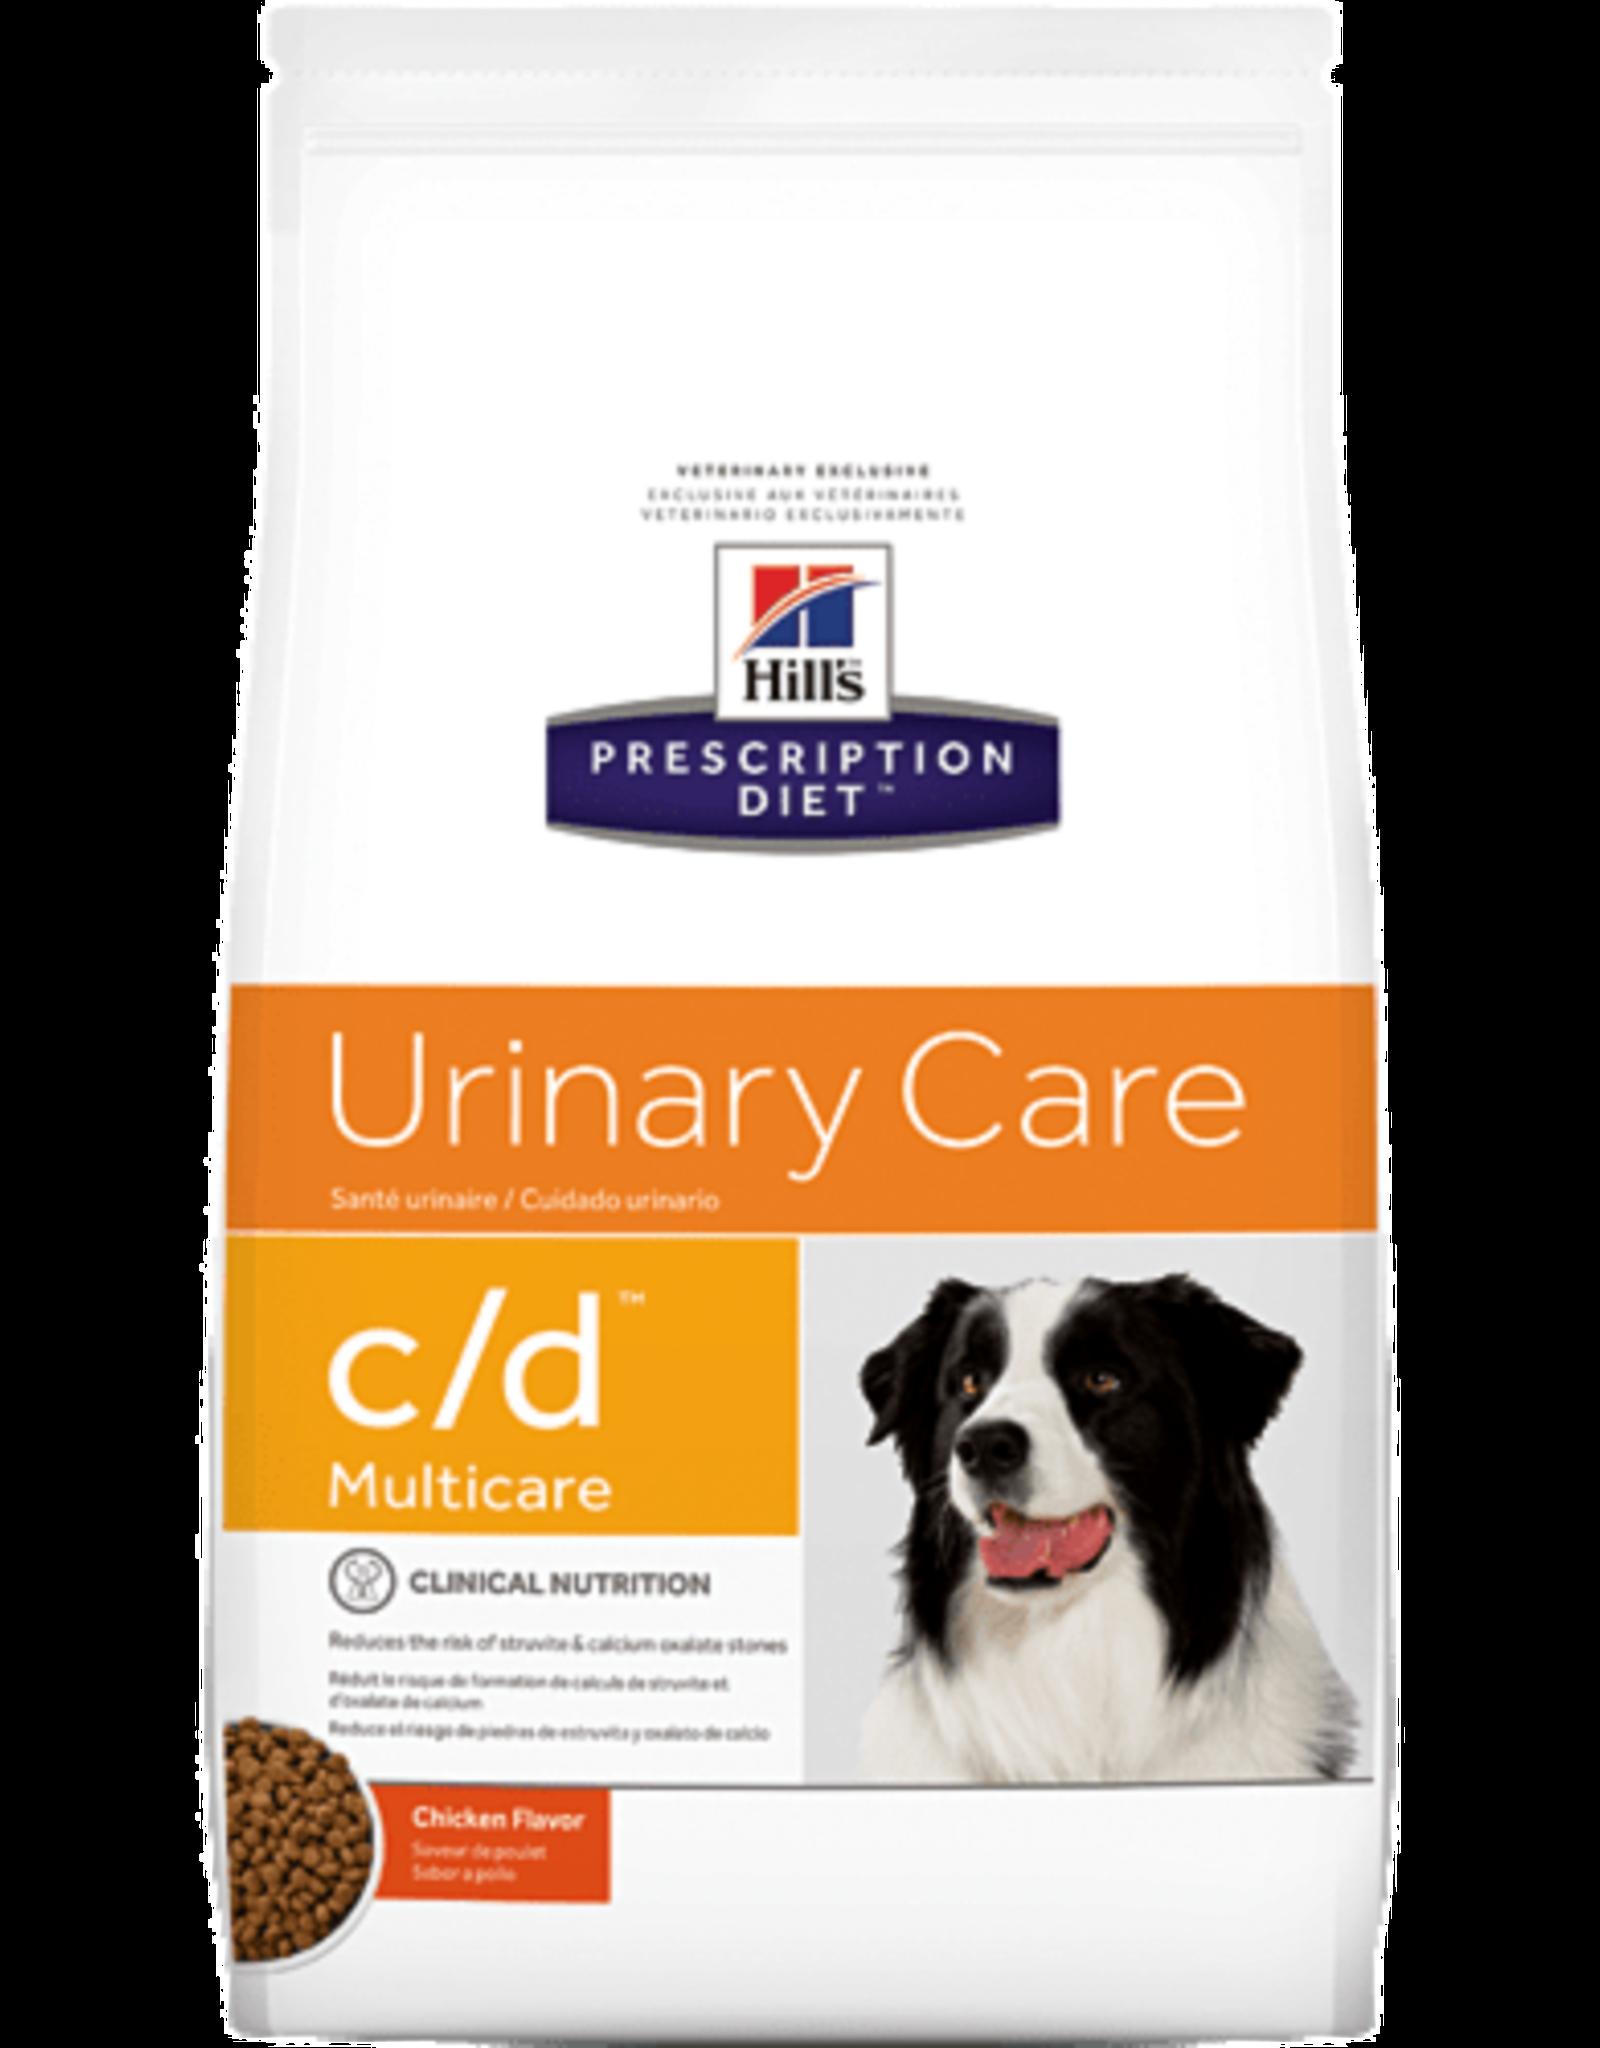 Hill's Hill's Prescription Diet C/d Hund 12kg